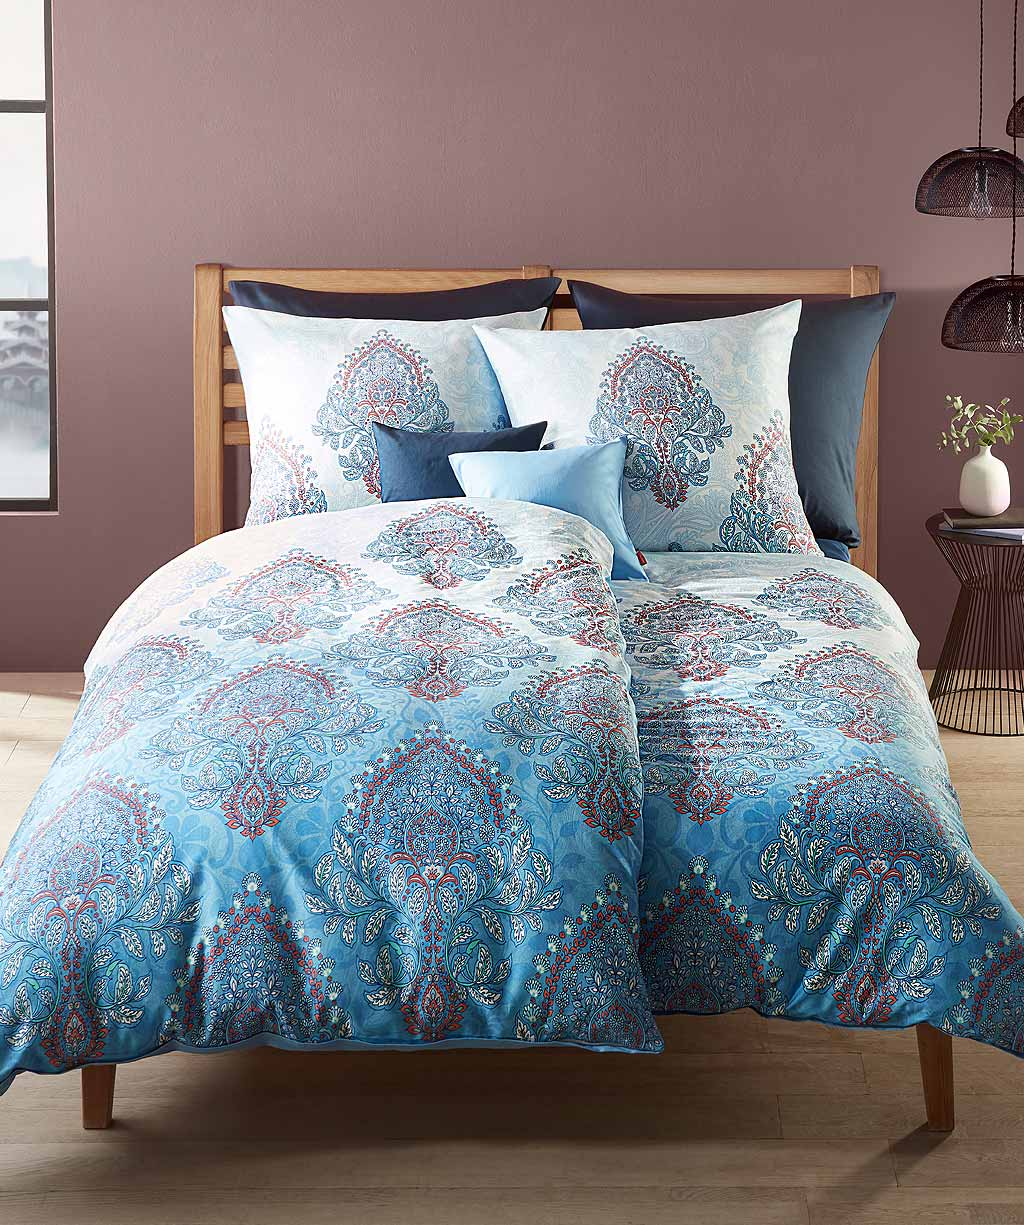 Blaue Ornament Bettwäsche mit hochwertigem Digitaldruck